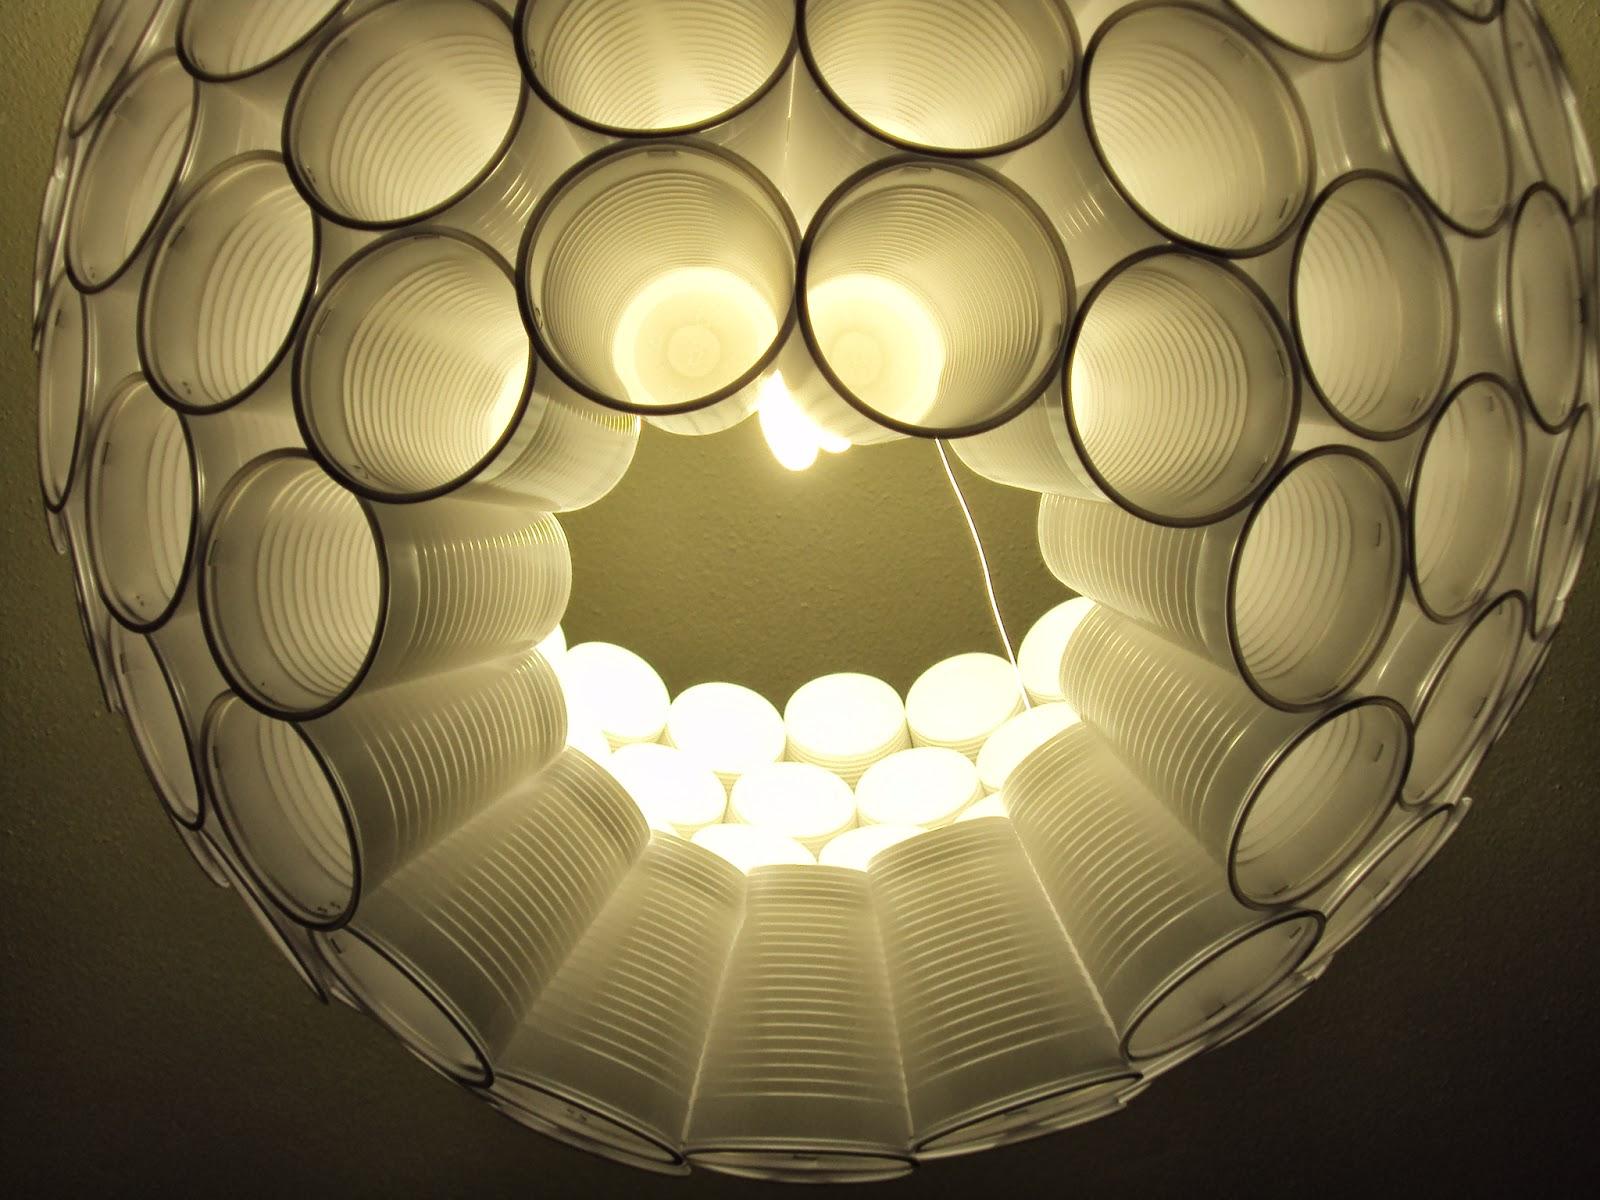 Lampadario Filo Di Ferro Fai Da Te : Lampadario filo di ferro fai da te come costruire una lampada